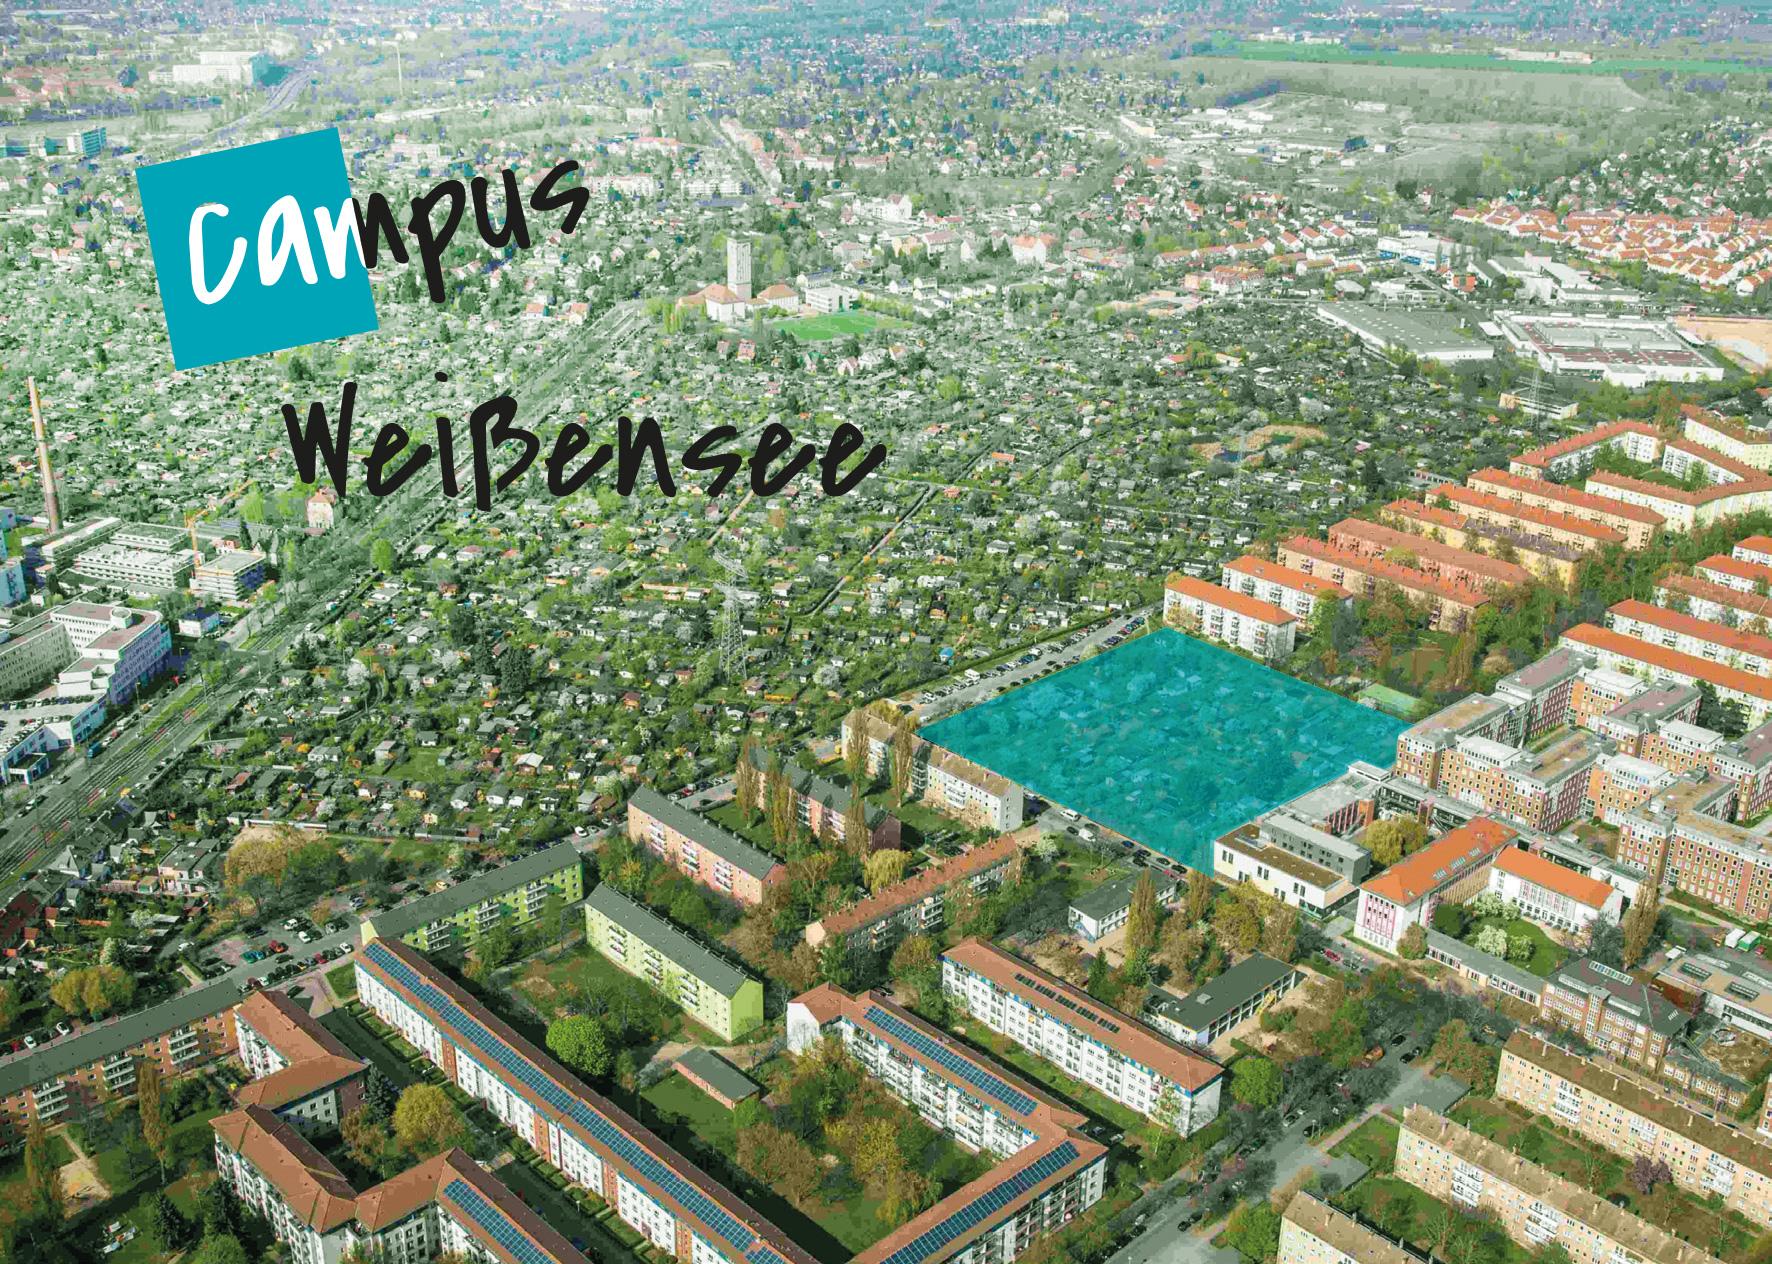 campus weißensee